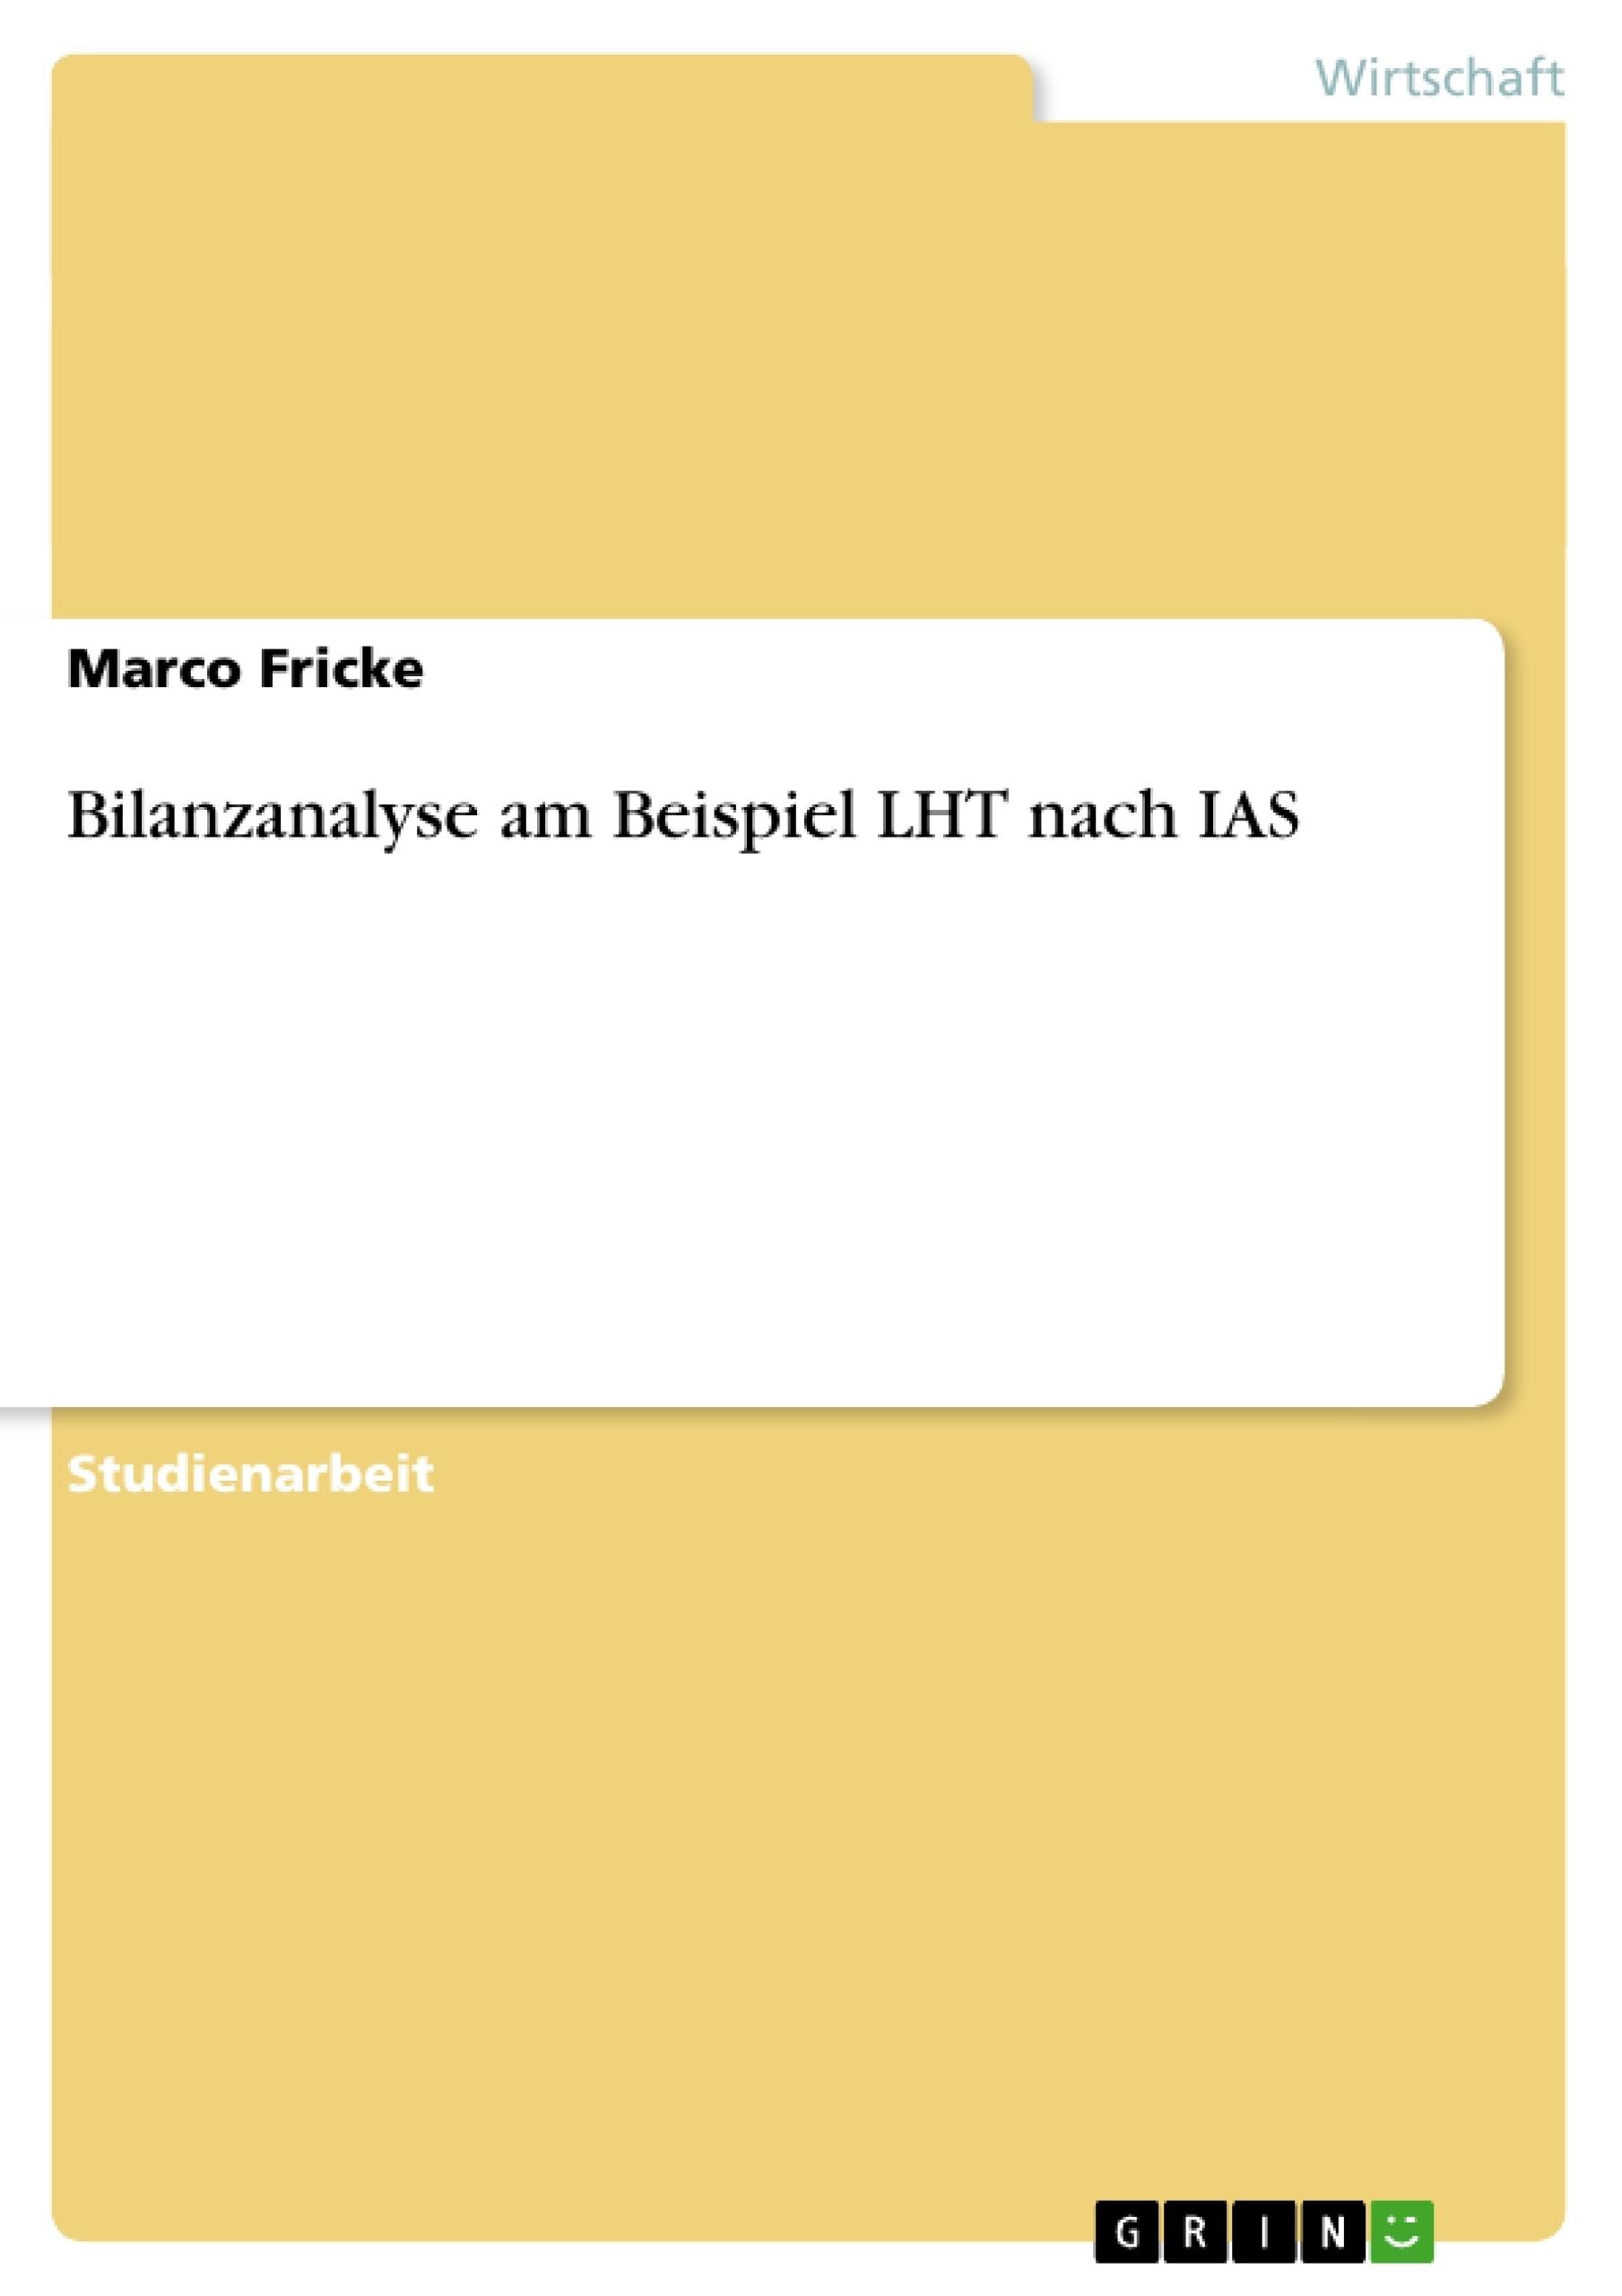 Titel: Bilanzanalyse am Beispiel LHT nach IAS